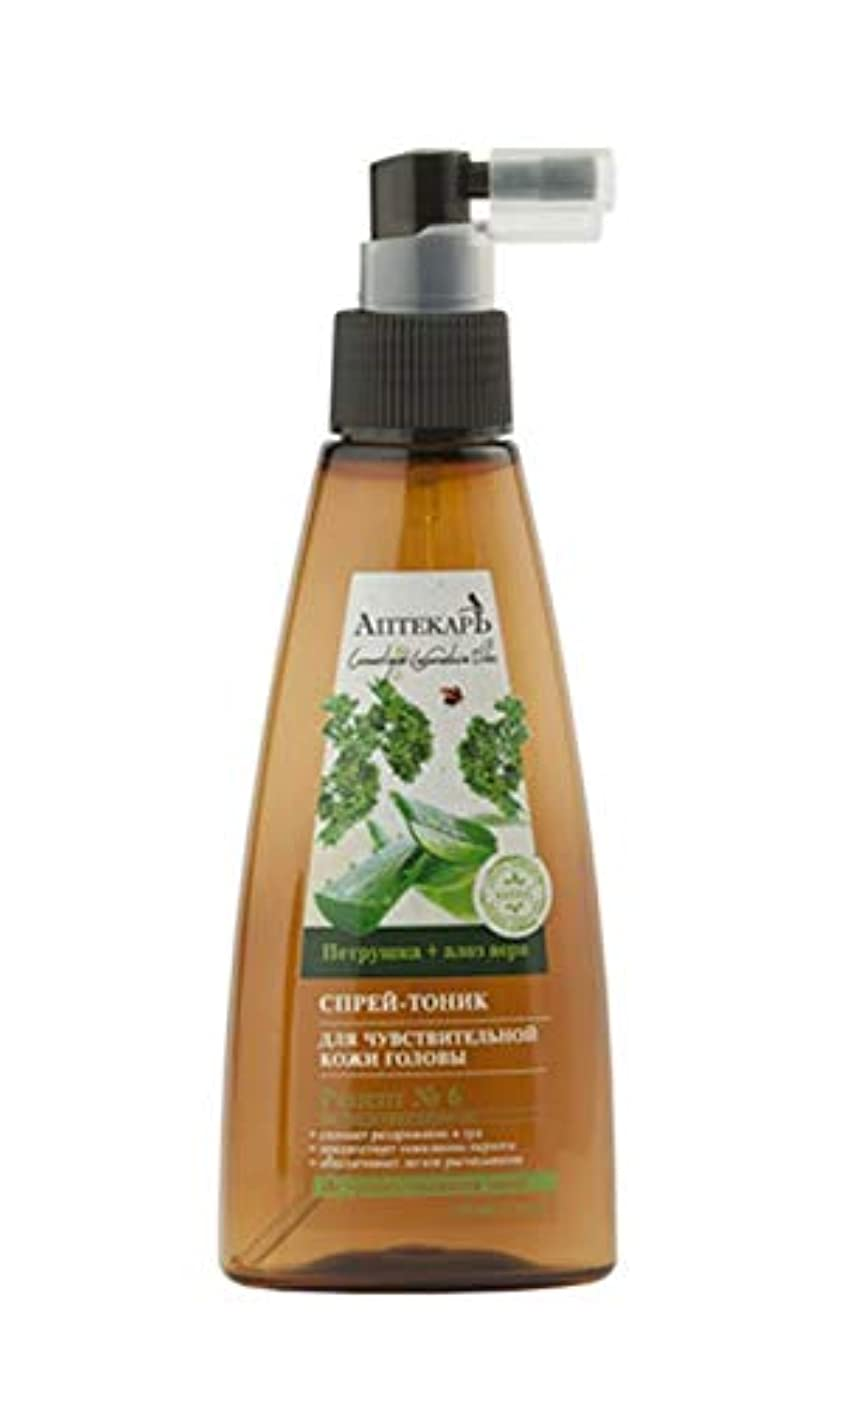 ほとんどない急ぐスポーツマンBielita & Vitex | Chemist Line | Spray tonic for sensitive scalp | Parsley | Aloe vera | Recipe number 6 | 150 ml